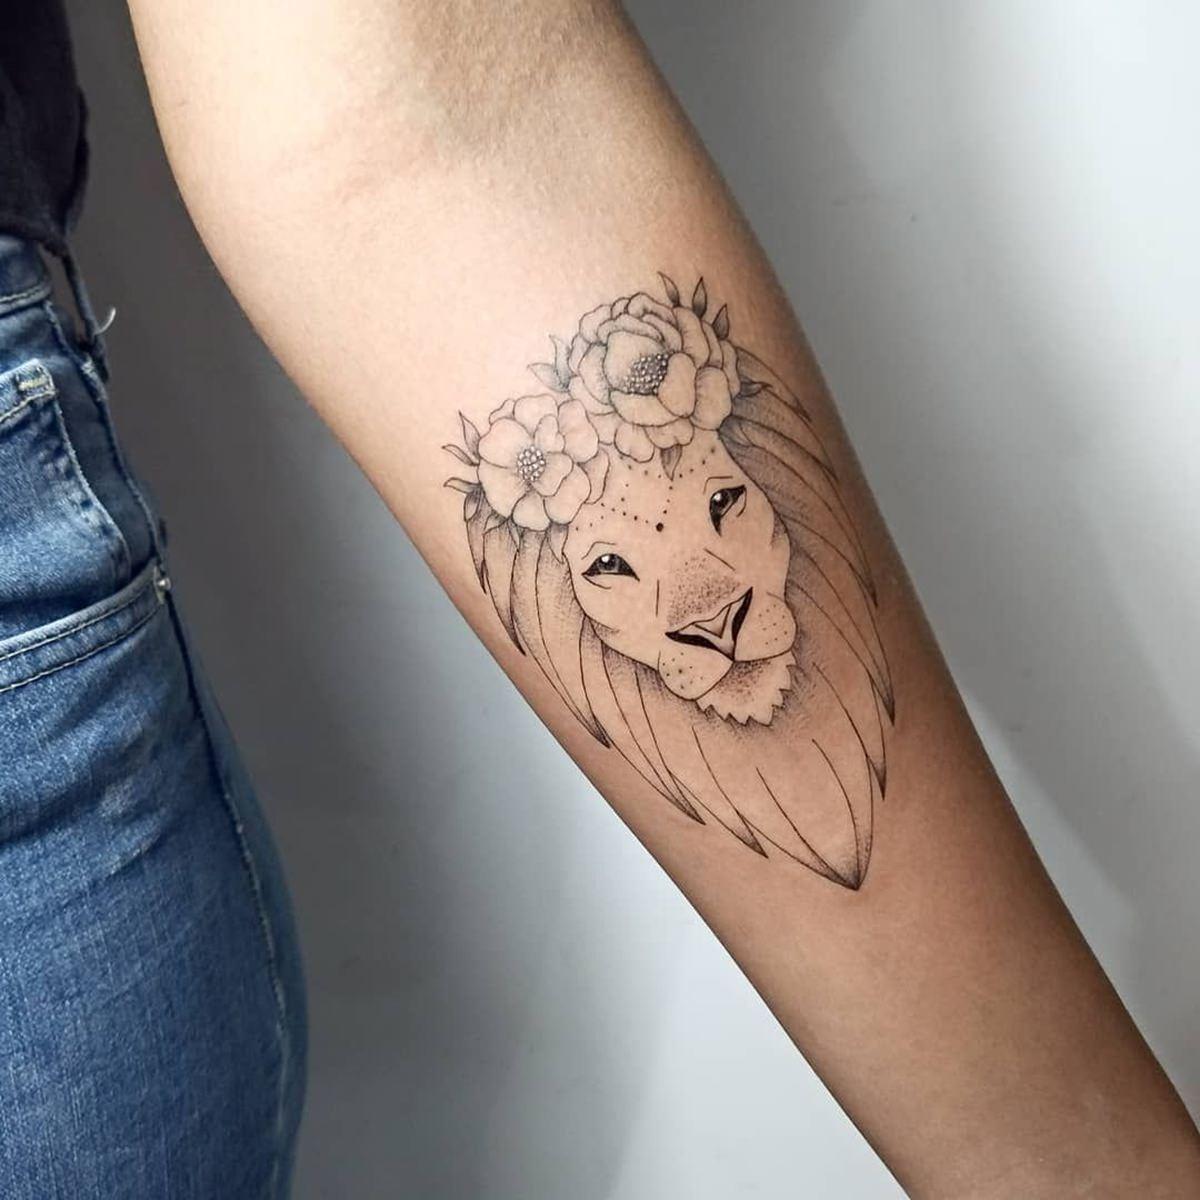 Tattoo feita no braço por quem é do signo de leão